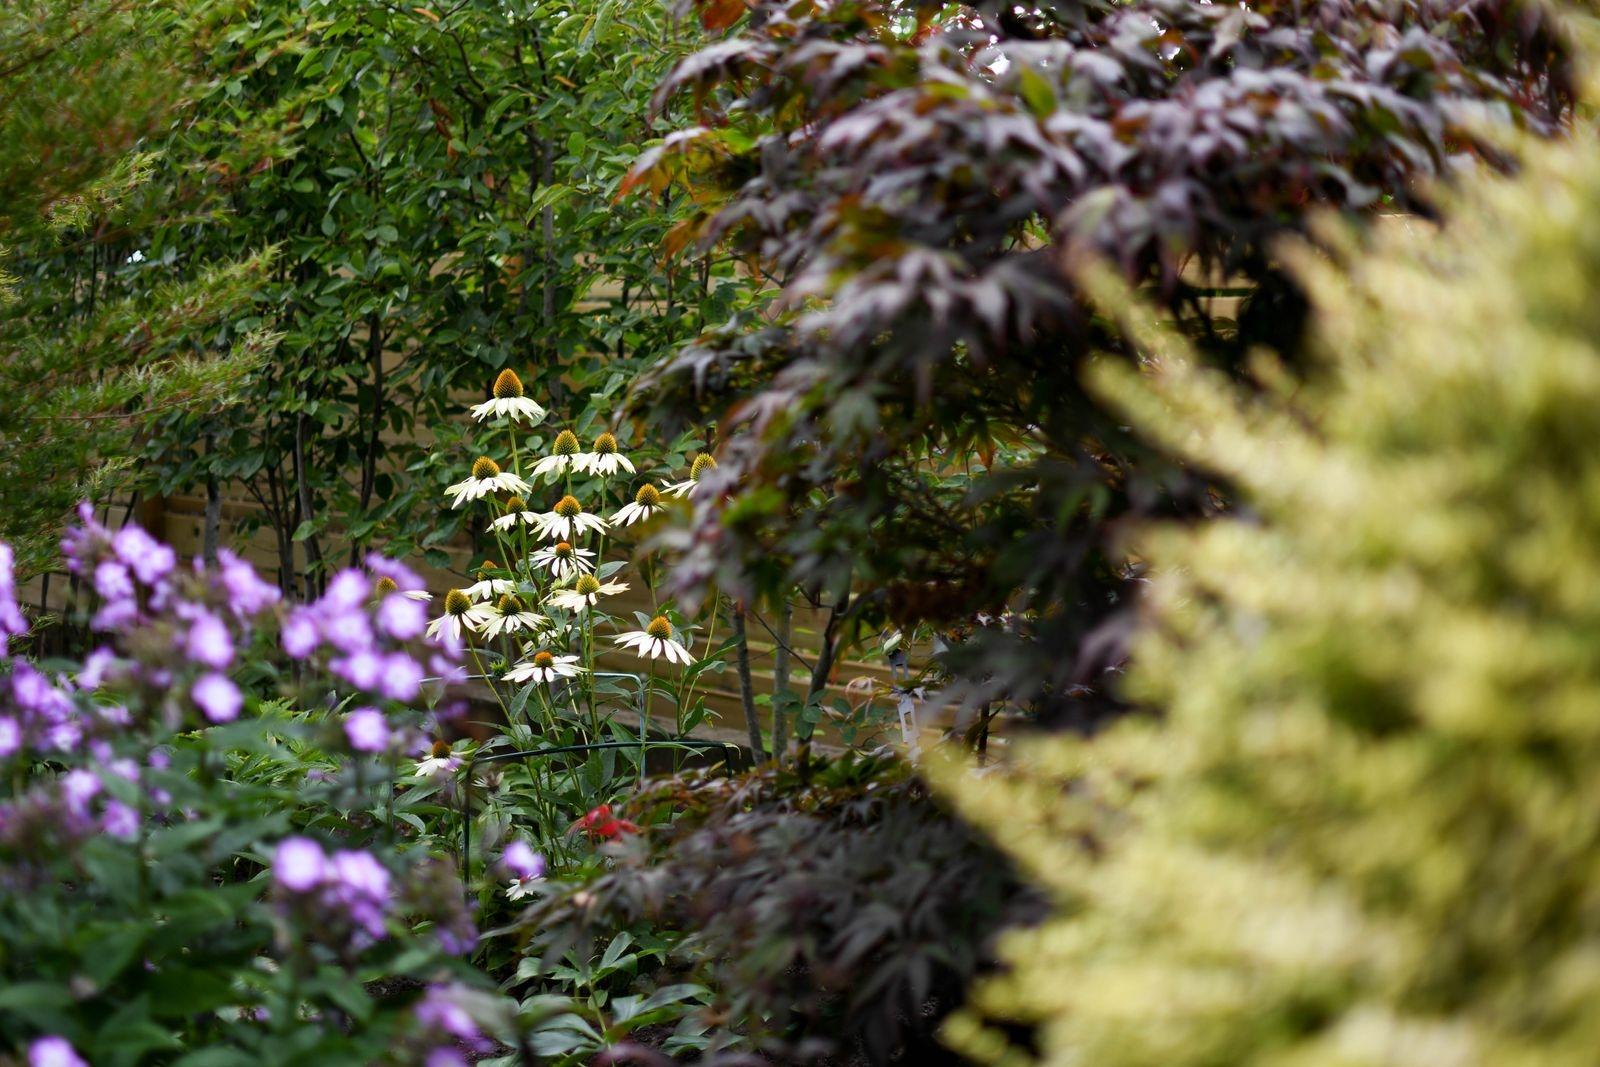 Det blommar från februari till november på Höstgatan, en trädgård målad med en palett av både blommor och blad i välkomponerat samspel.